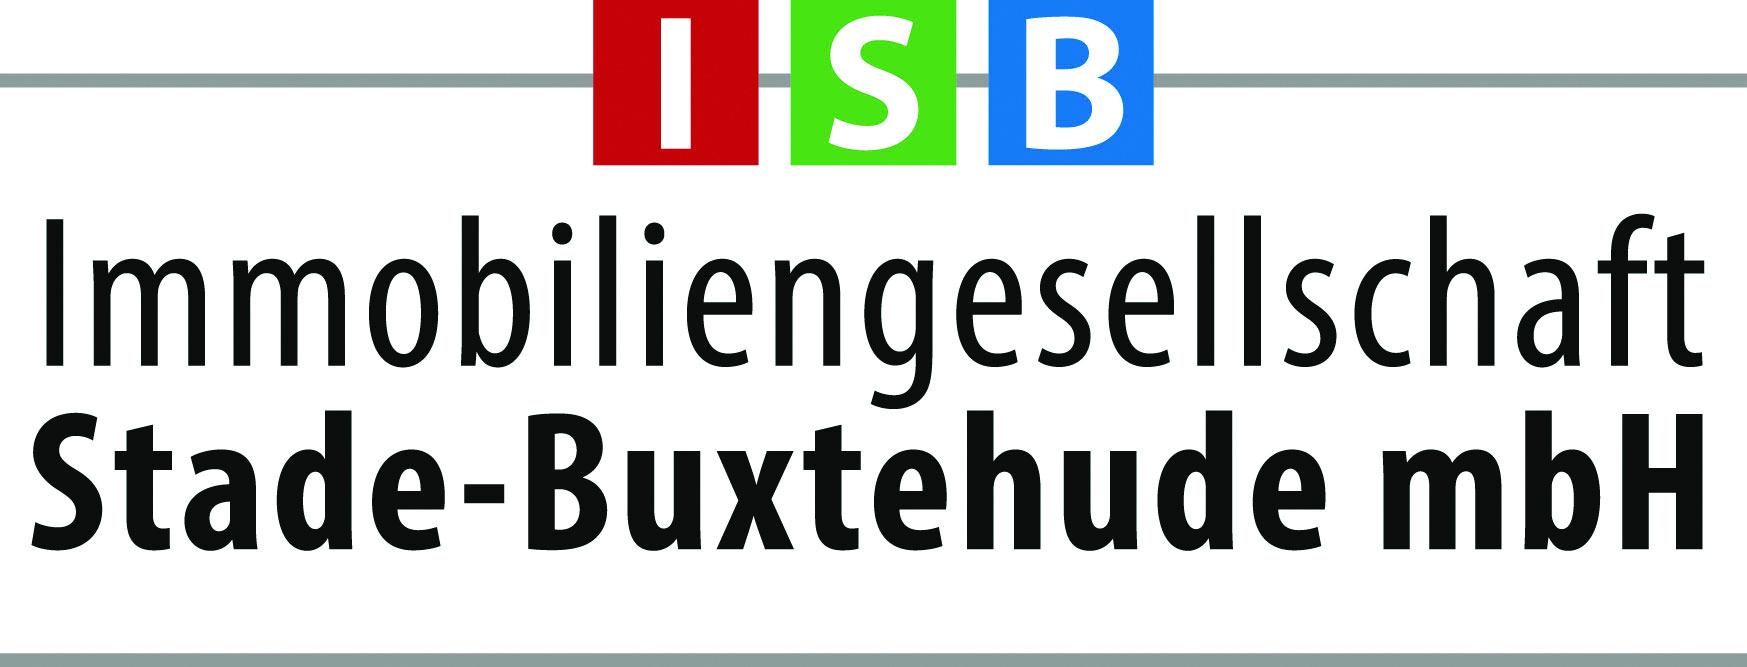 Hier sehen Sie das Logo von Immobiliengesellschaft Stade-Buxtehude mbH